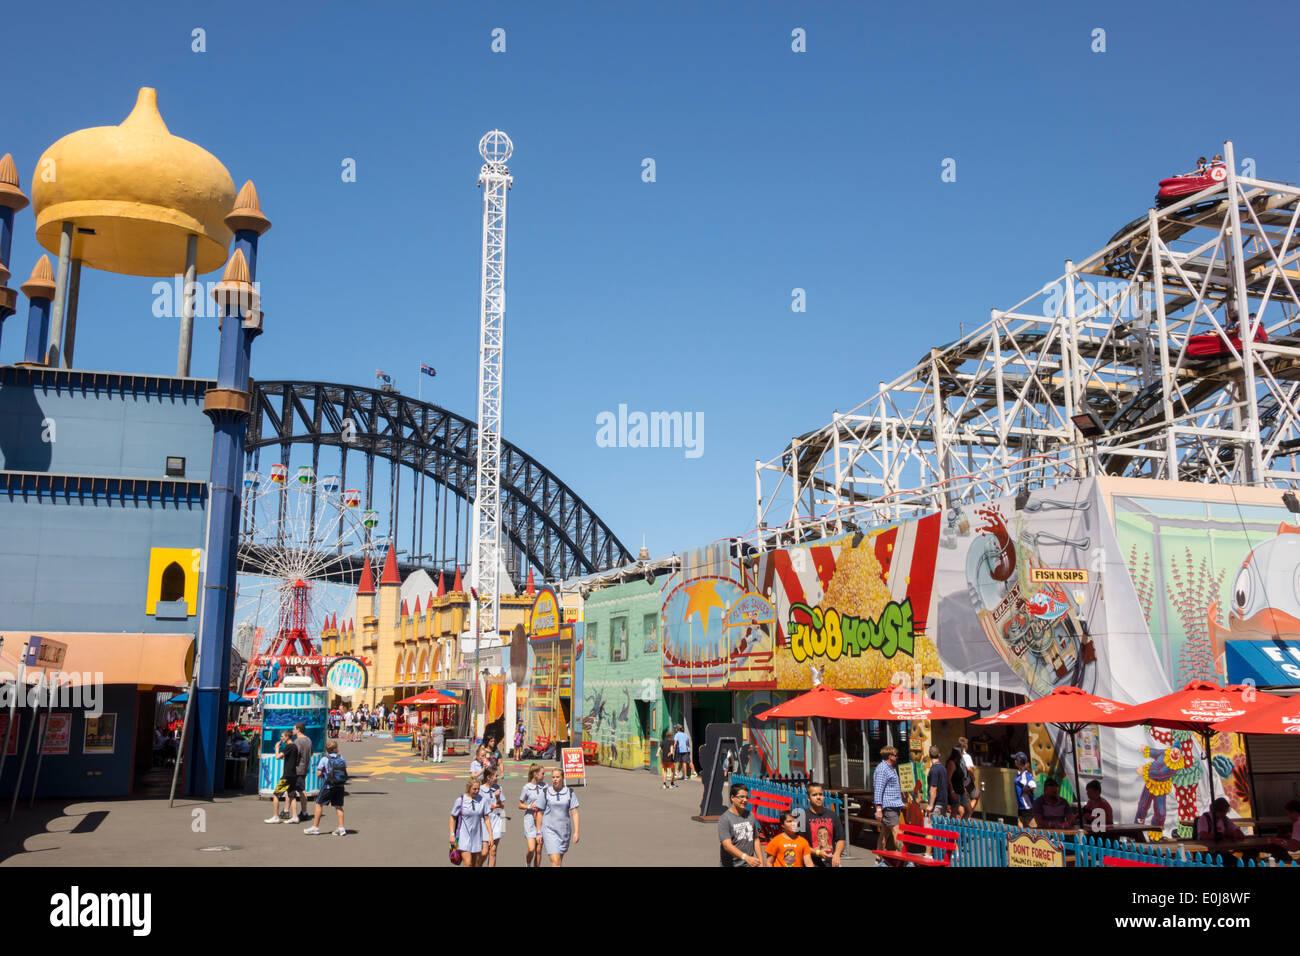 Sydney NSW Australia New South Wales Milsons Point Luna Park amusement thrill ride torre de caída el Puente Harbour harbour Imagen De Stock